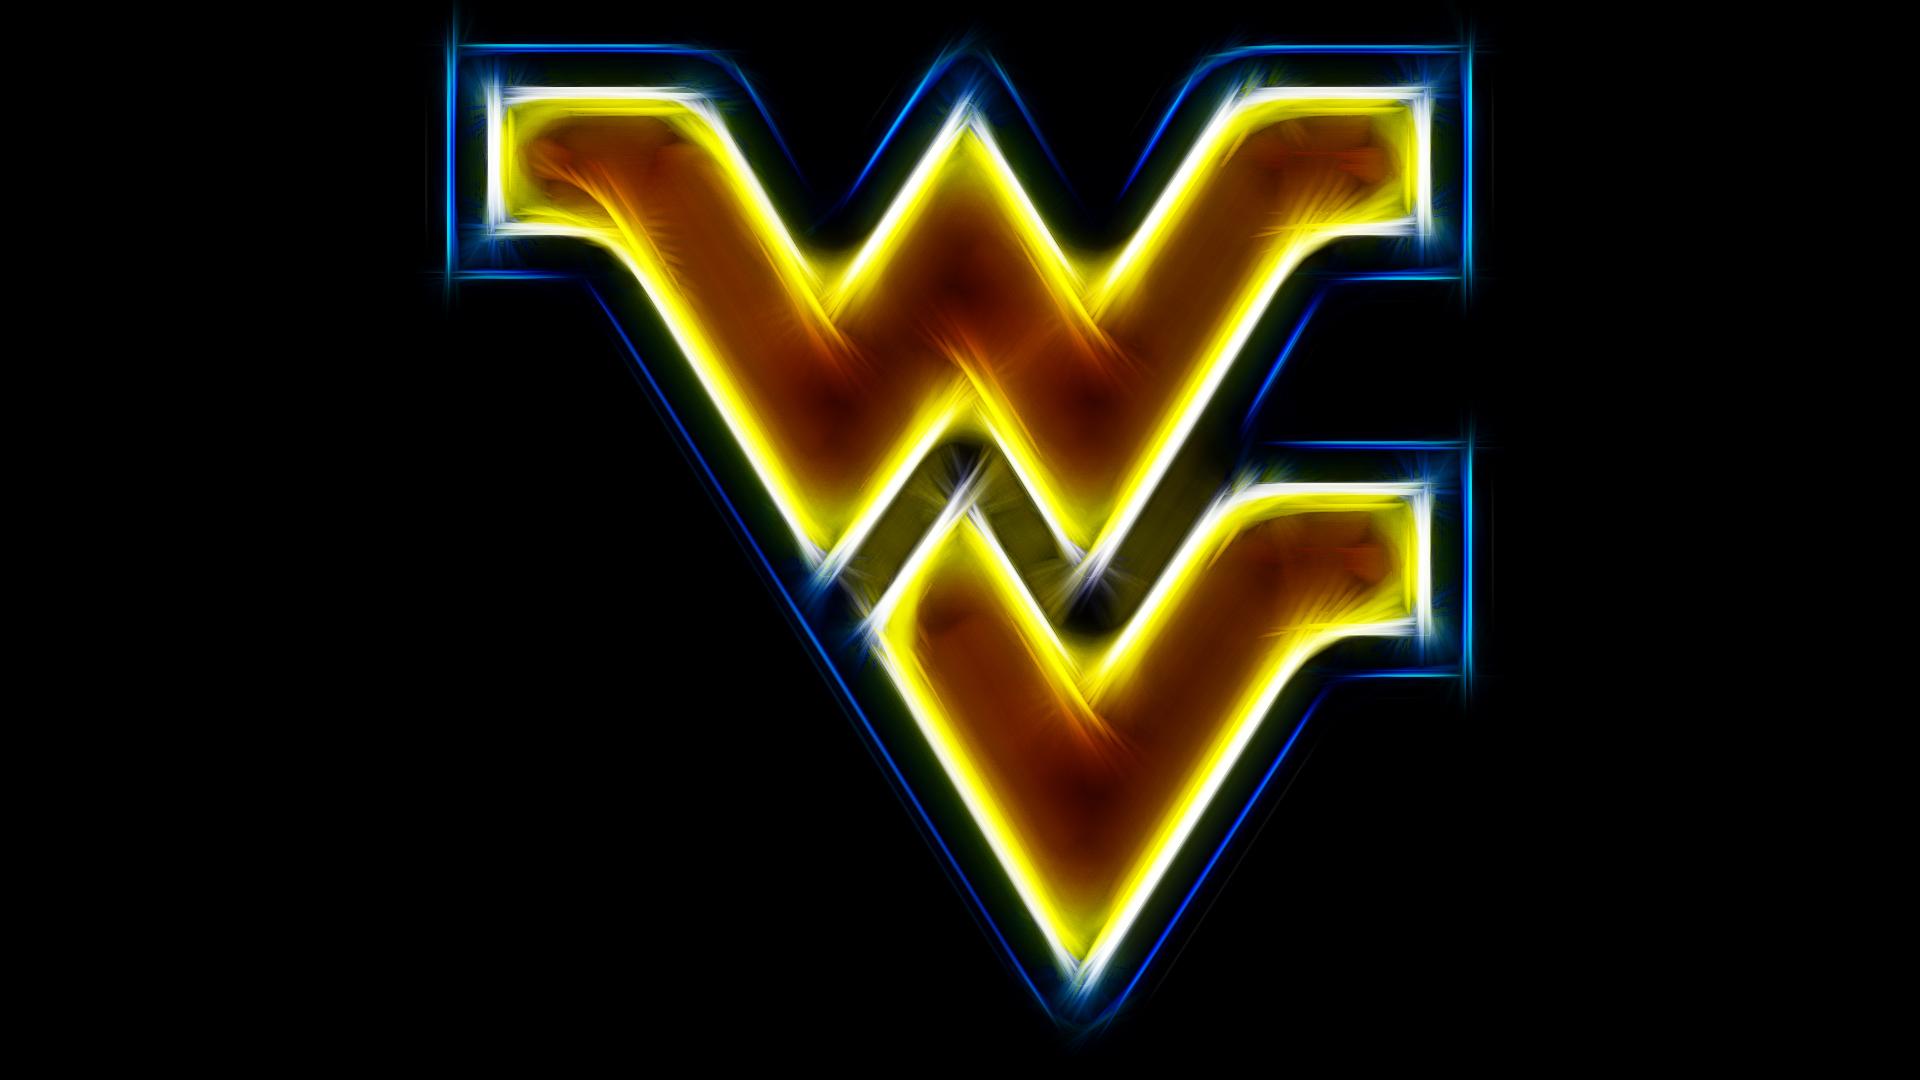 west virginia university by theblacksavior